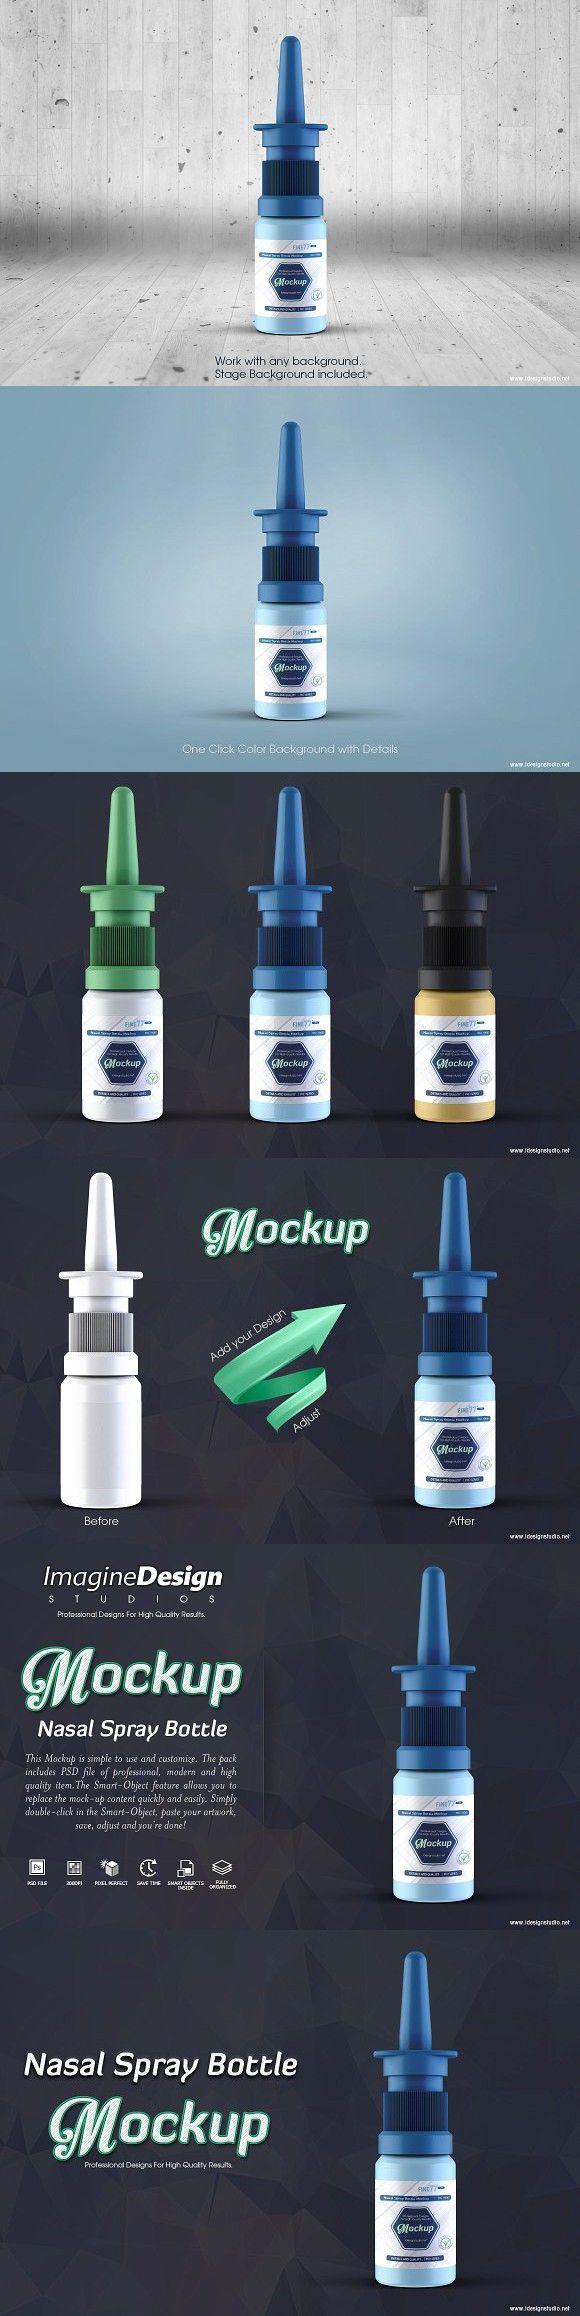 Download Nasal Spray Bottle Mockup Bottle Mockup Spray Bottle Nasal Spray